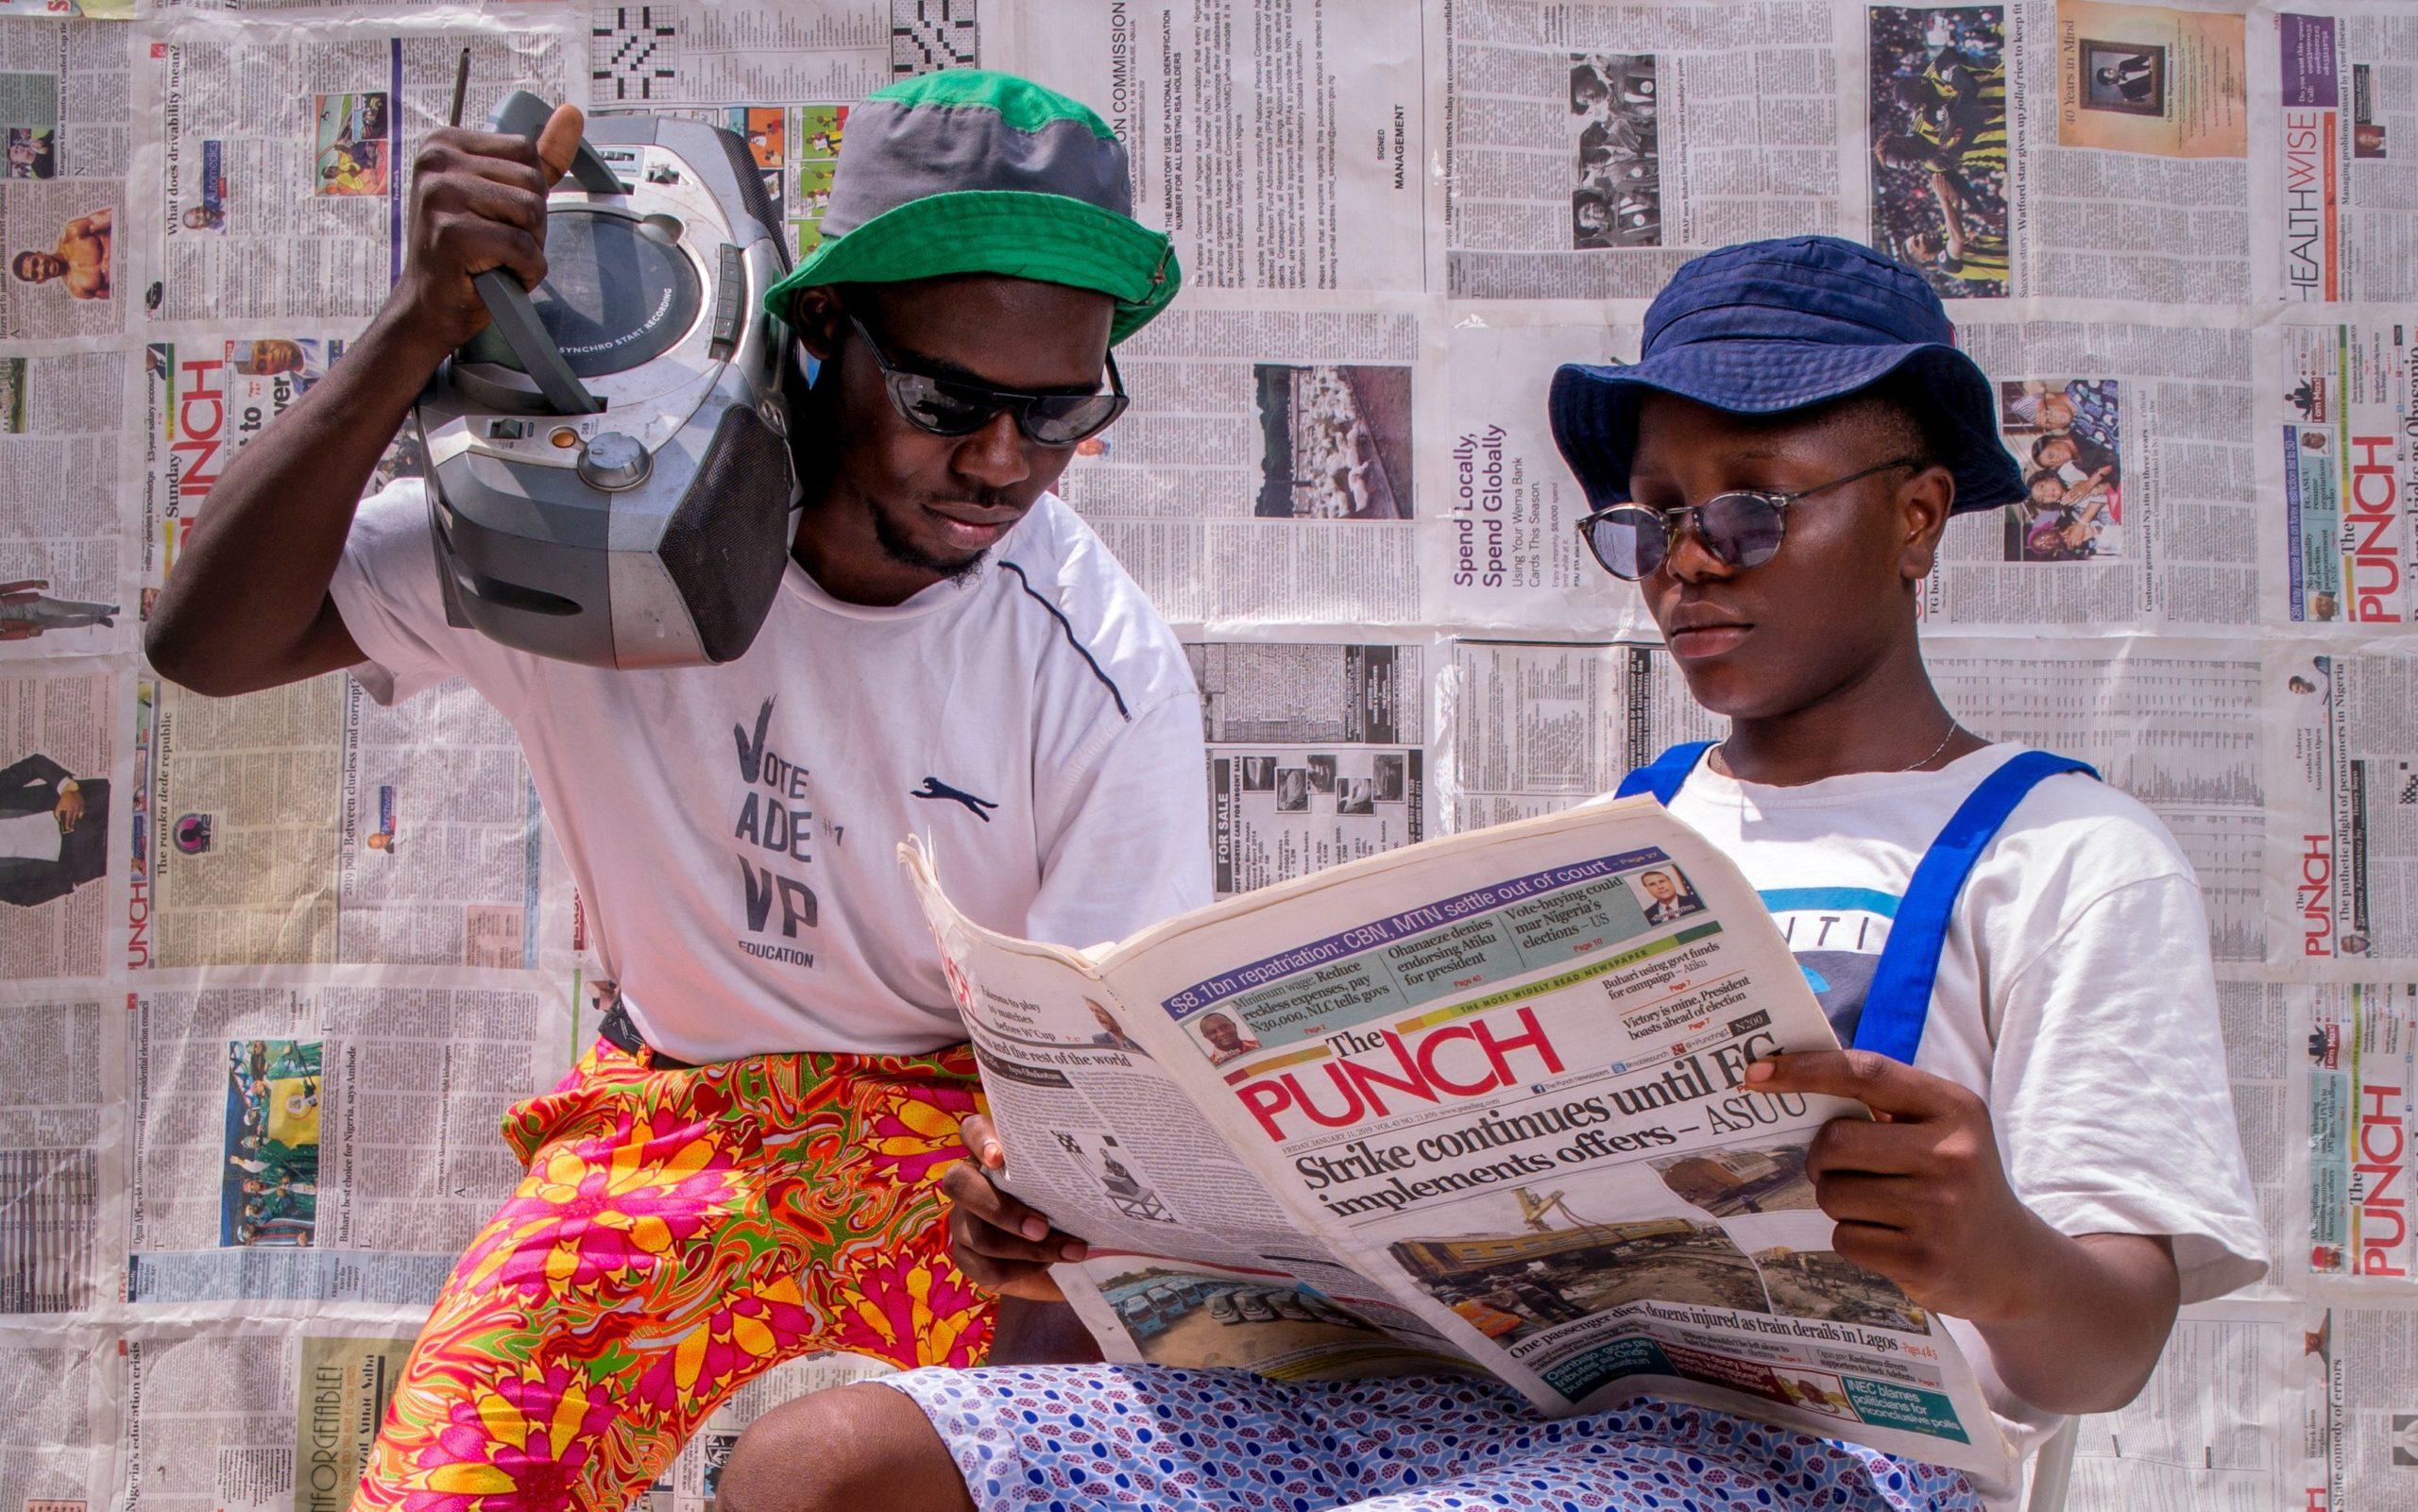 Auditeur de radios en Afrique et lecteur de journal